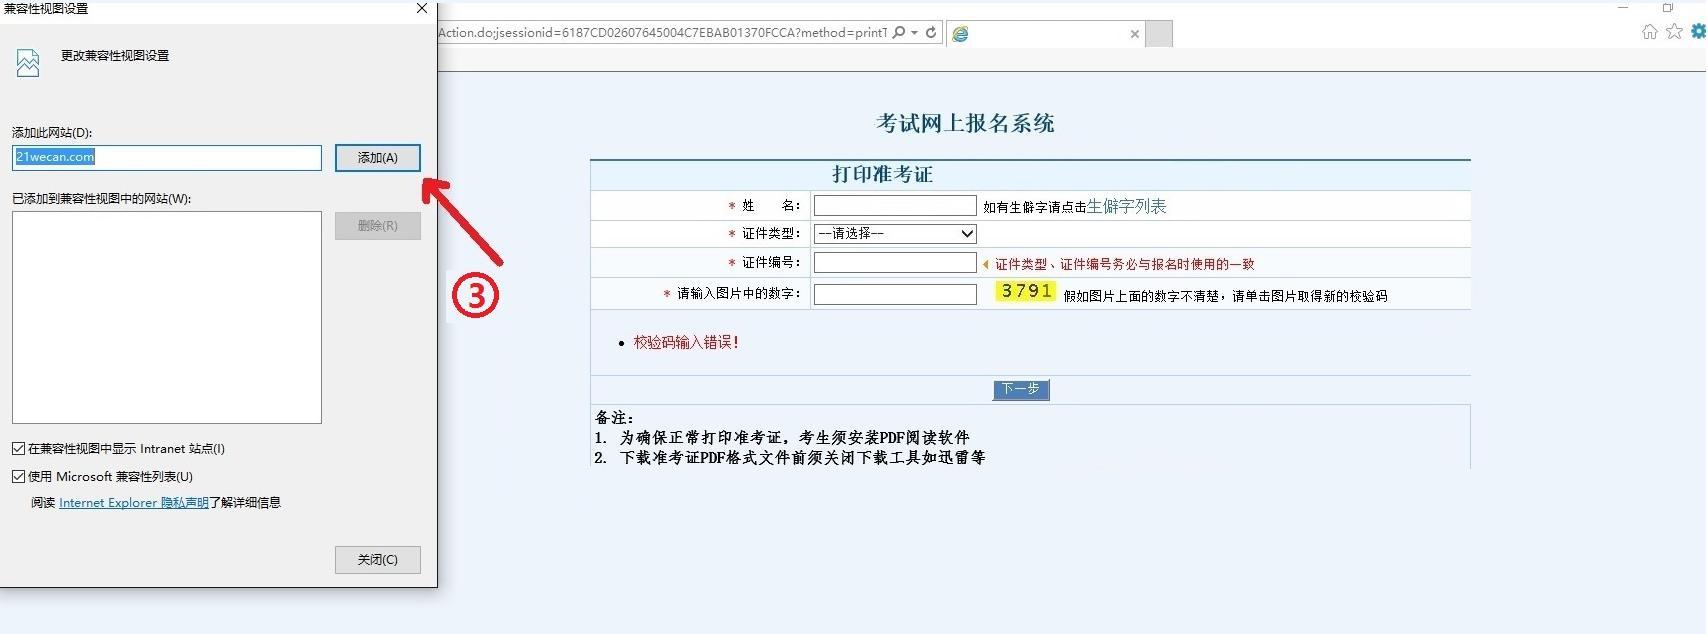 中国卫生人才网准考证打印